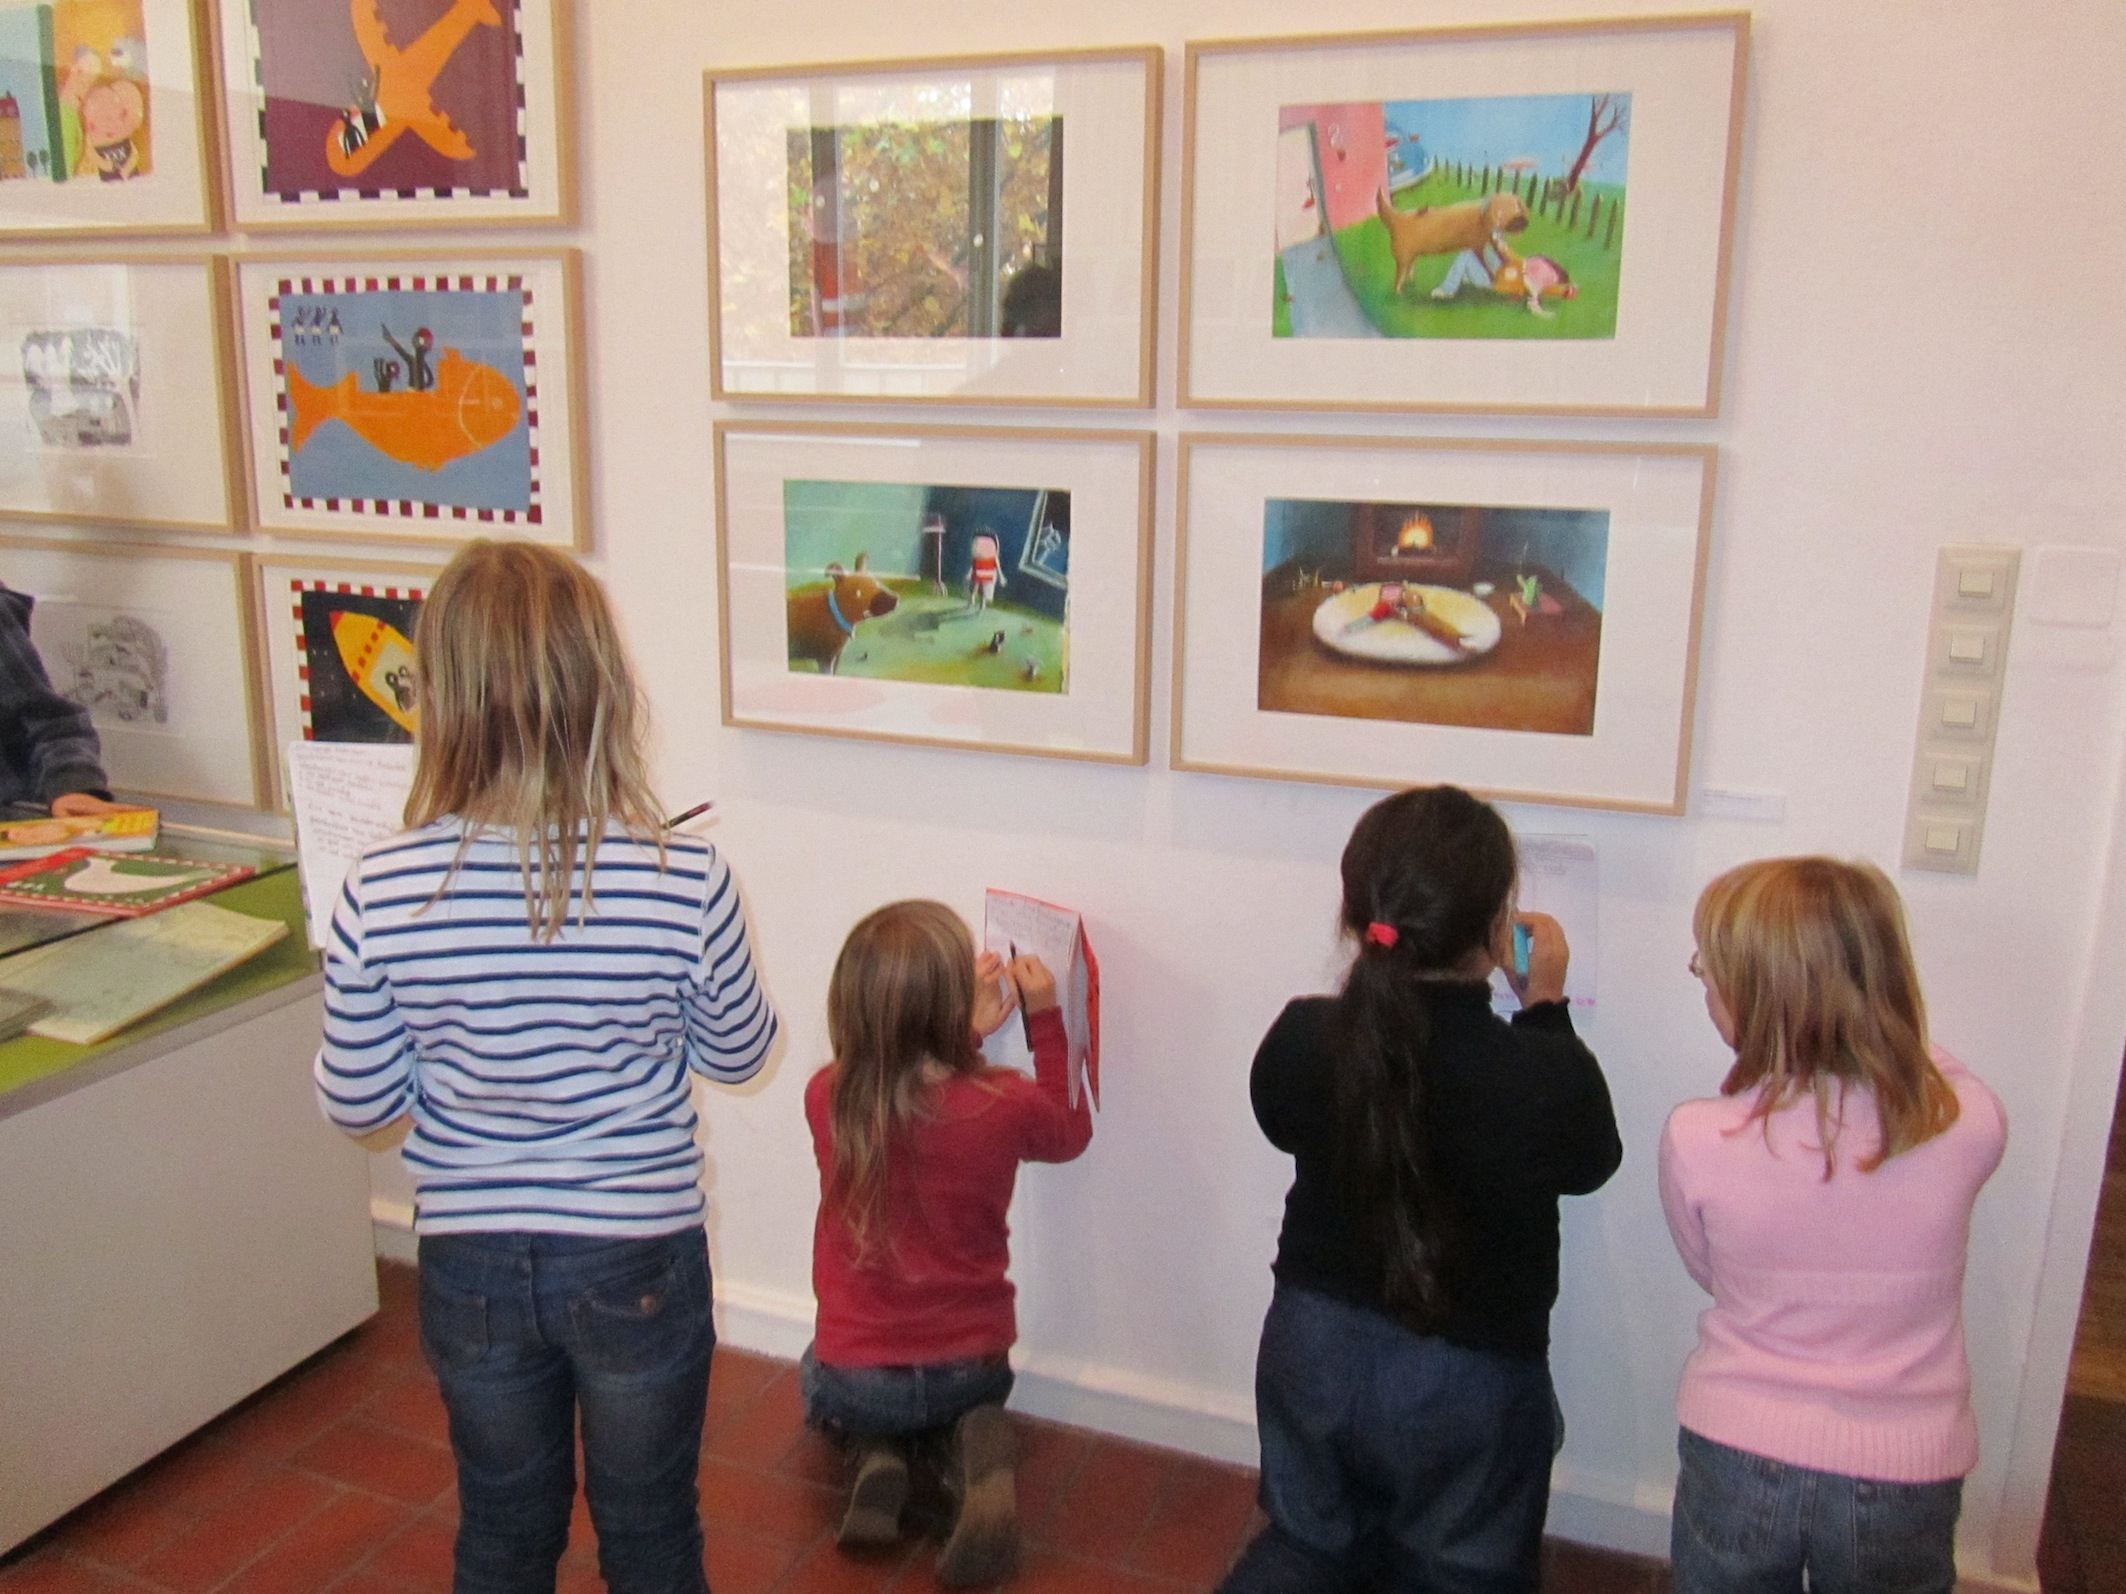 Kinder entdecken die Ausstellungen im Kinderbuchhaus (Bild: Kinderbuchhaus)